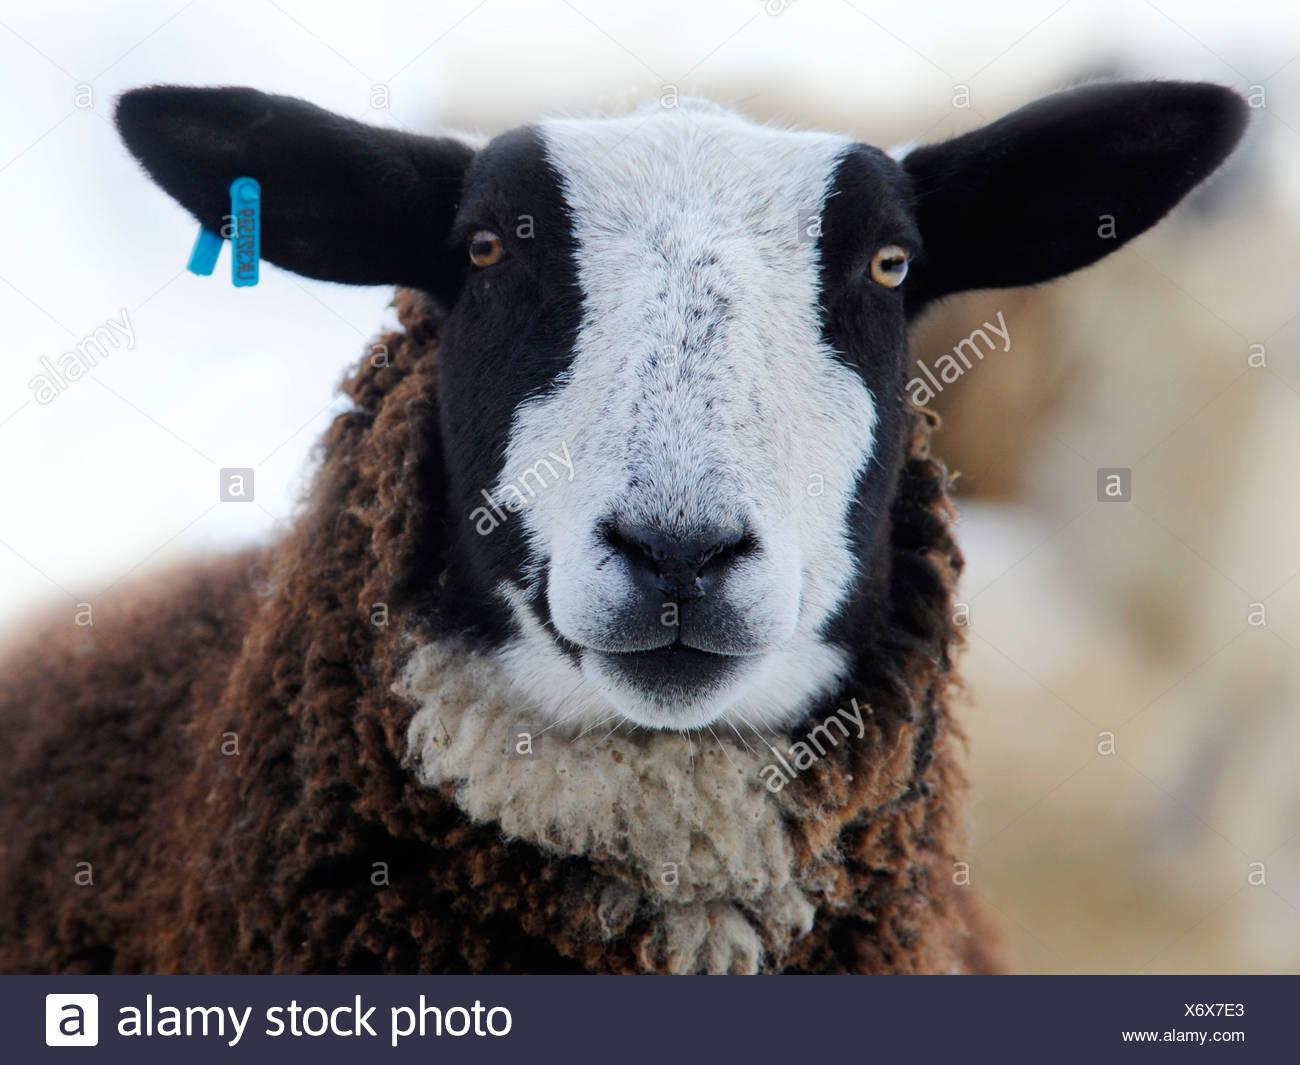 Un des portraits d'une zwartbles, un mouton avec un visage noir et blanc. Photo Stock